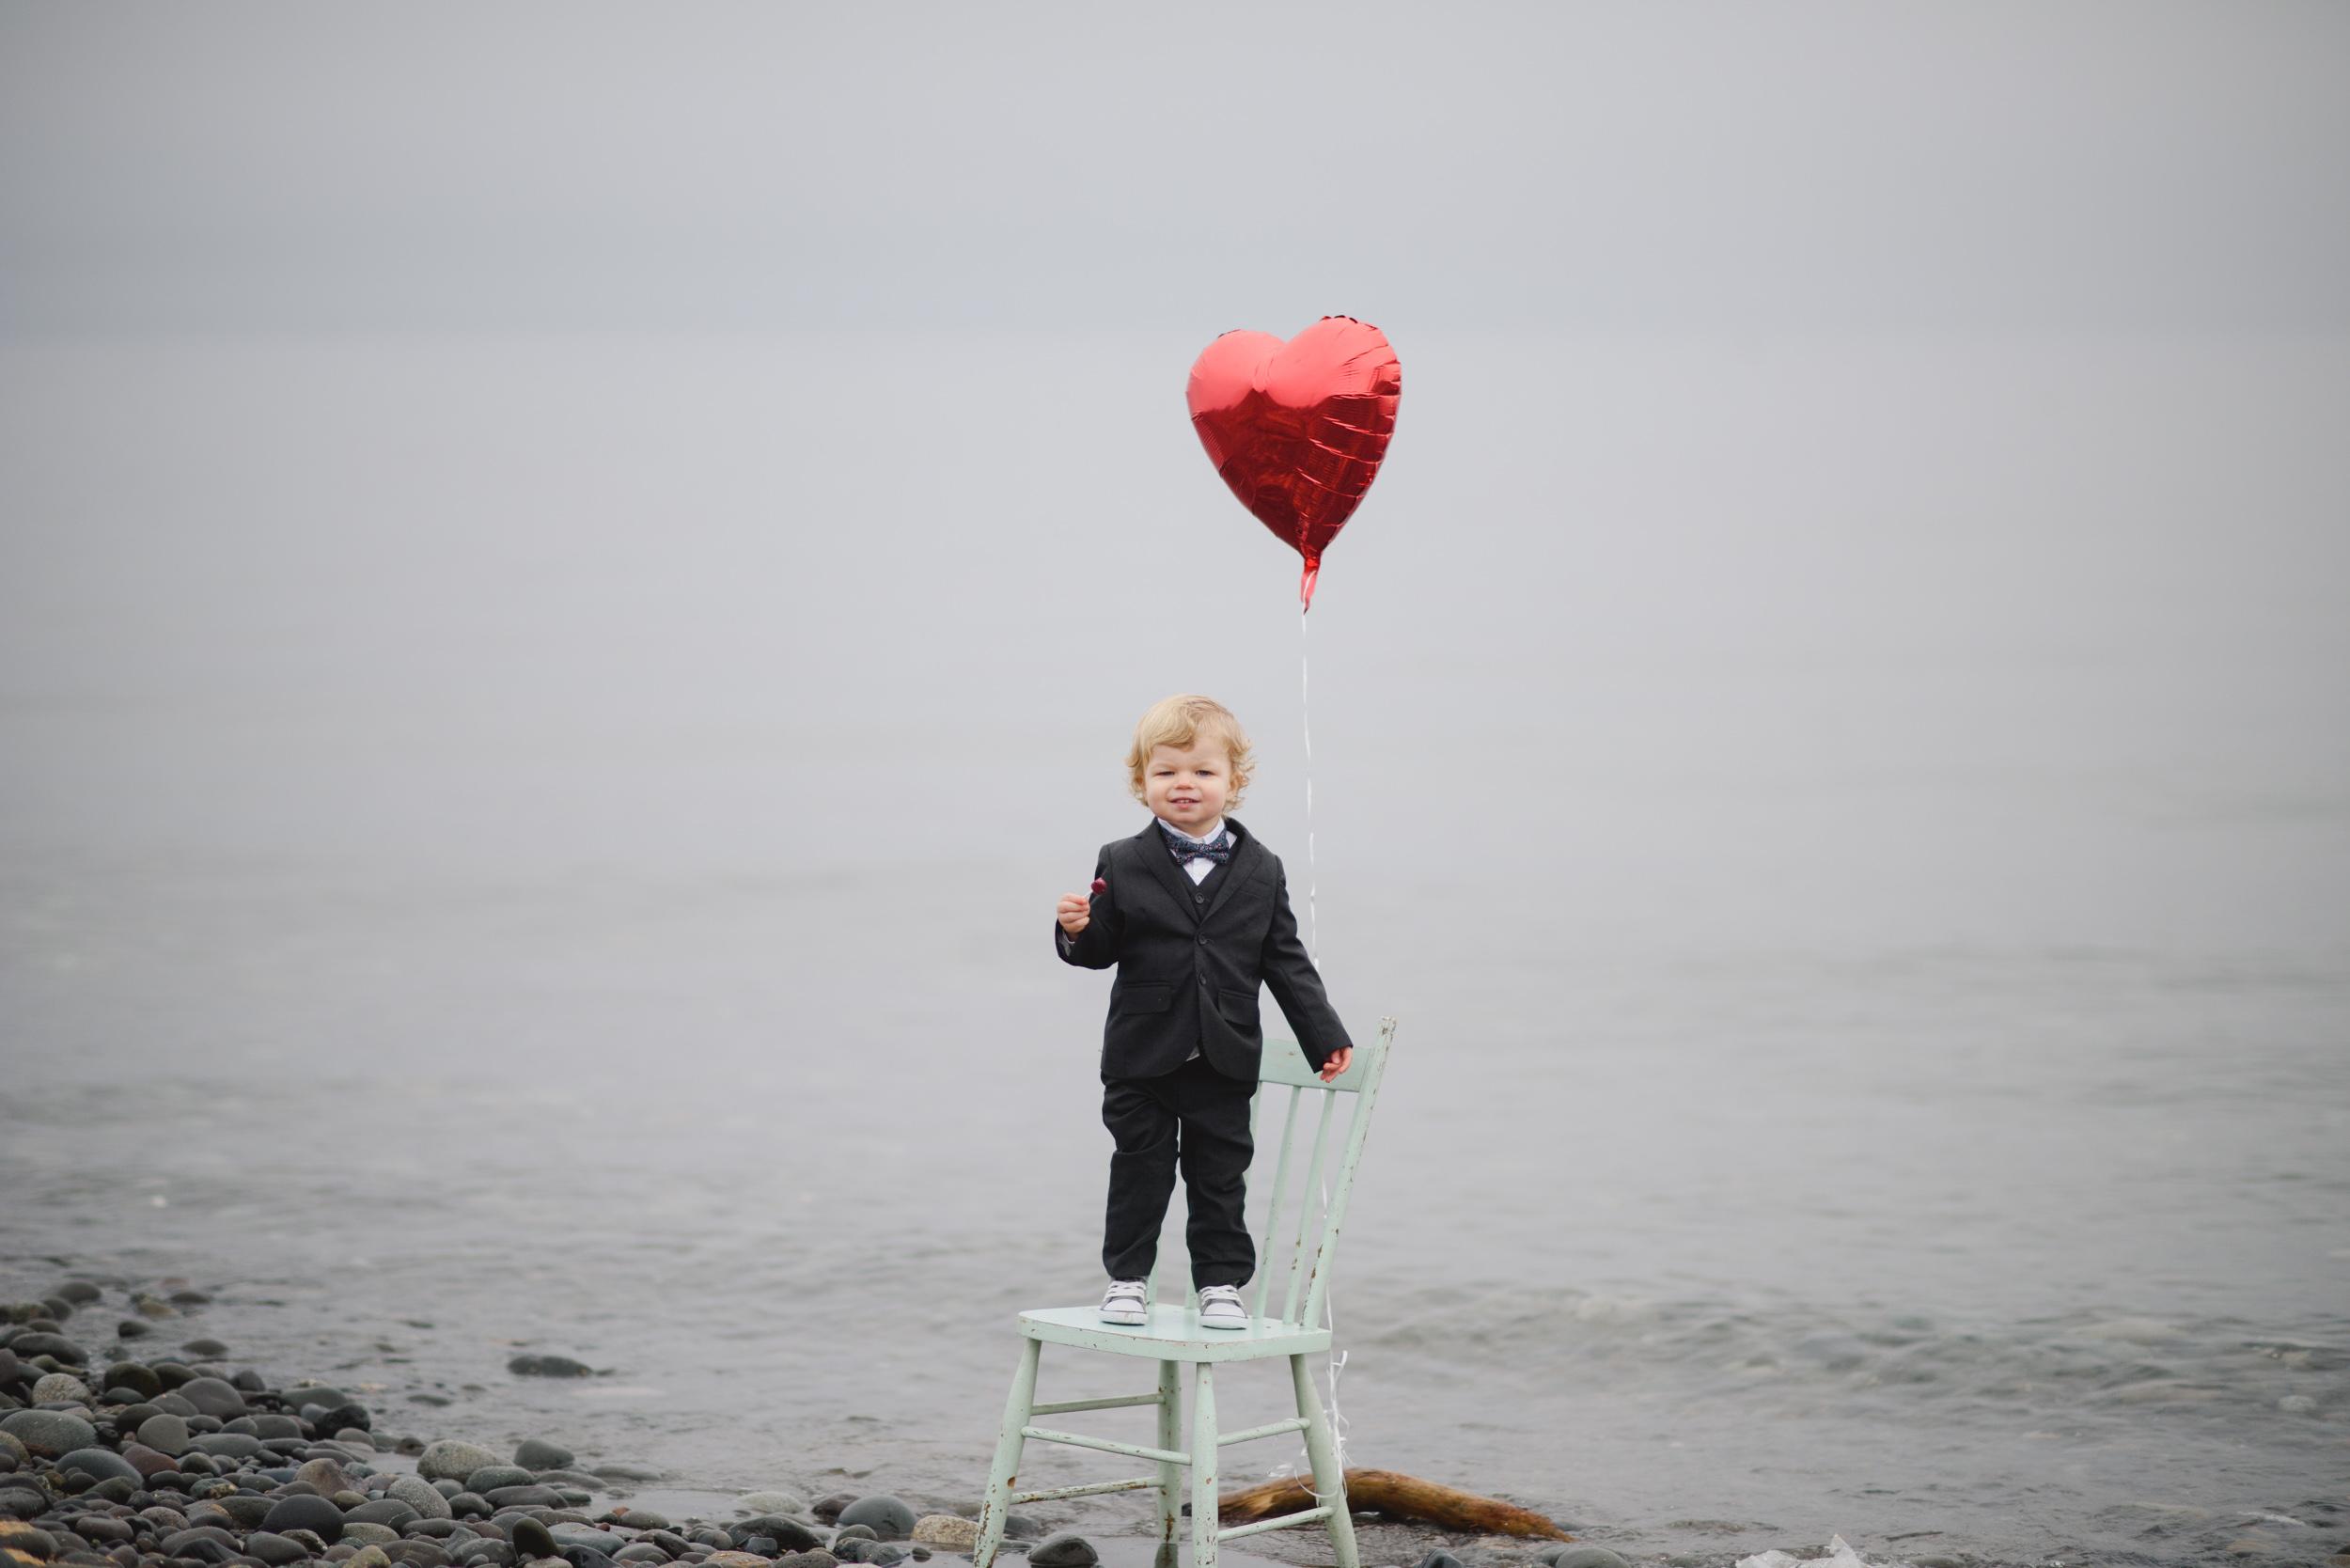 cutest valentine